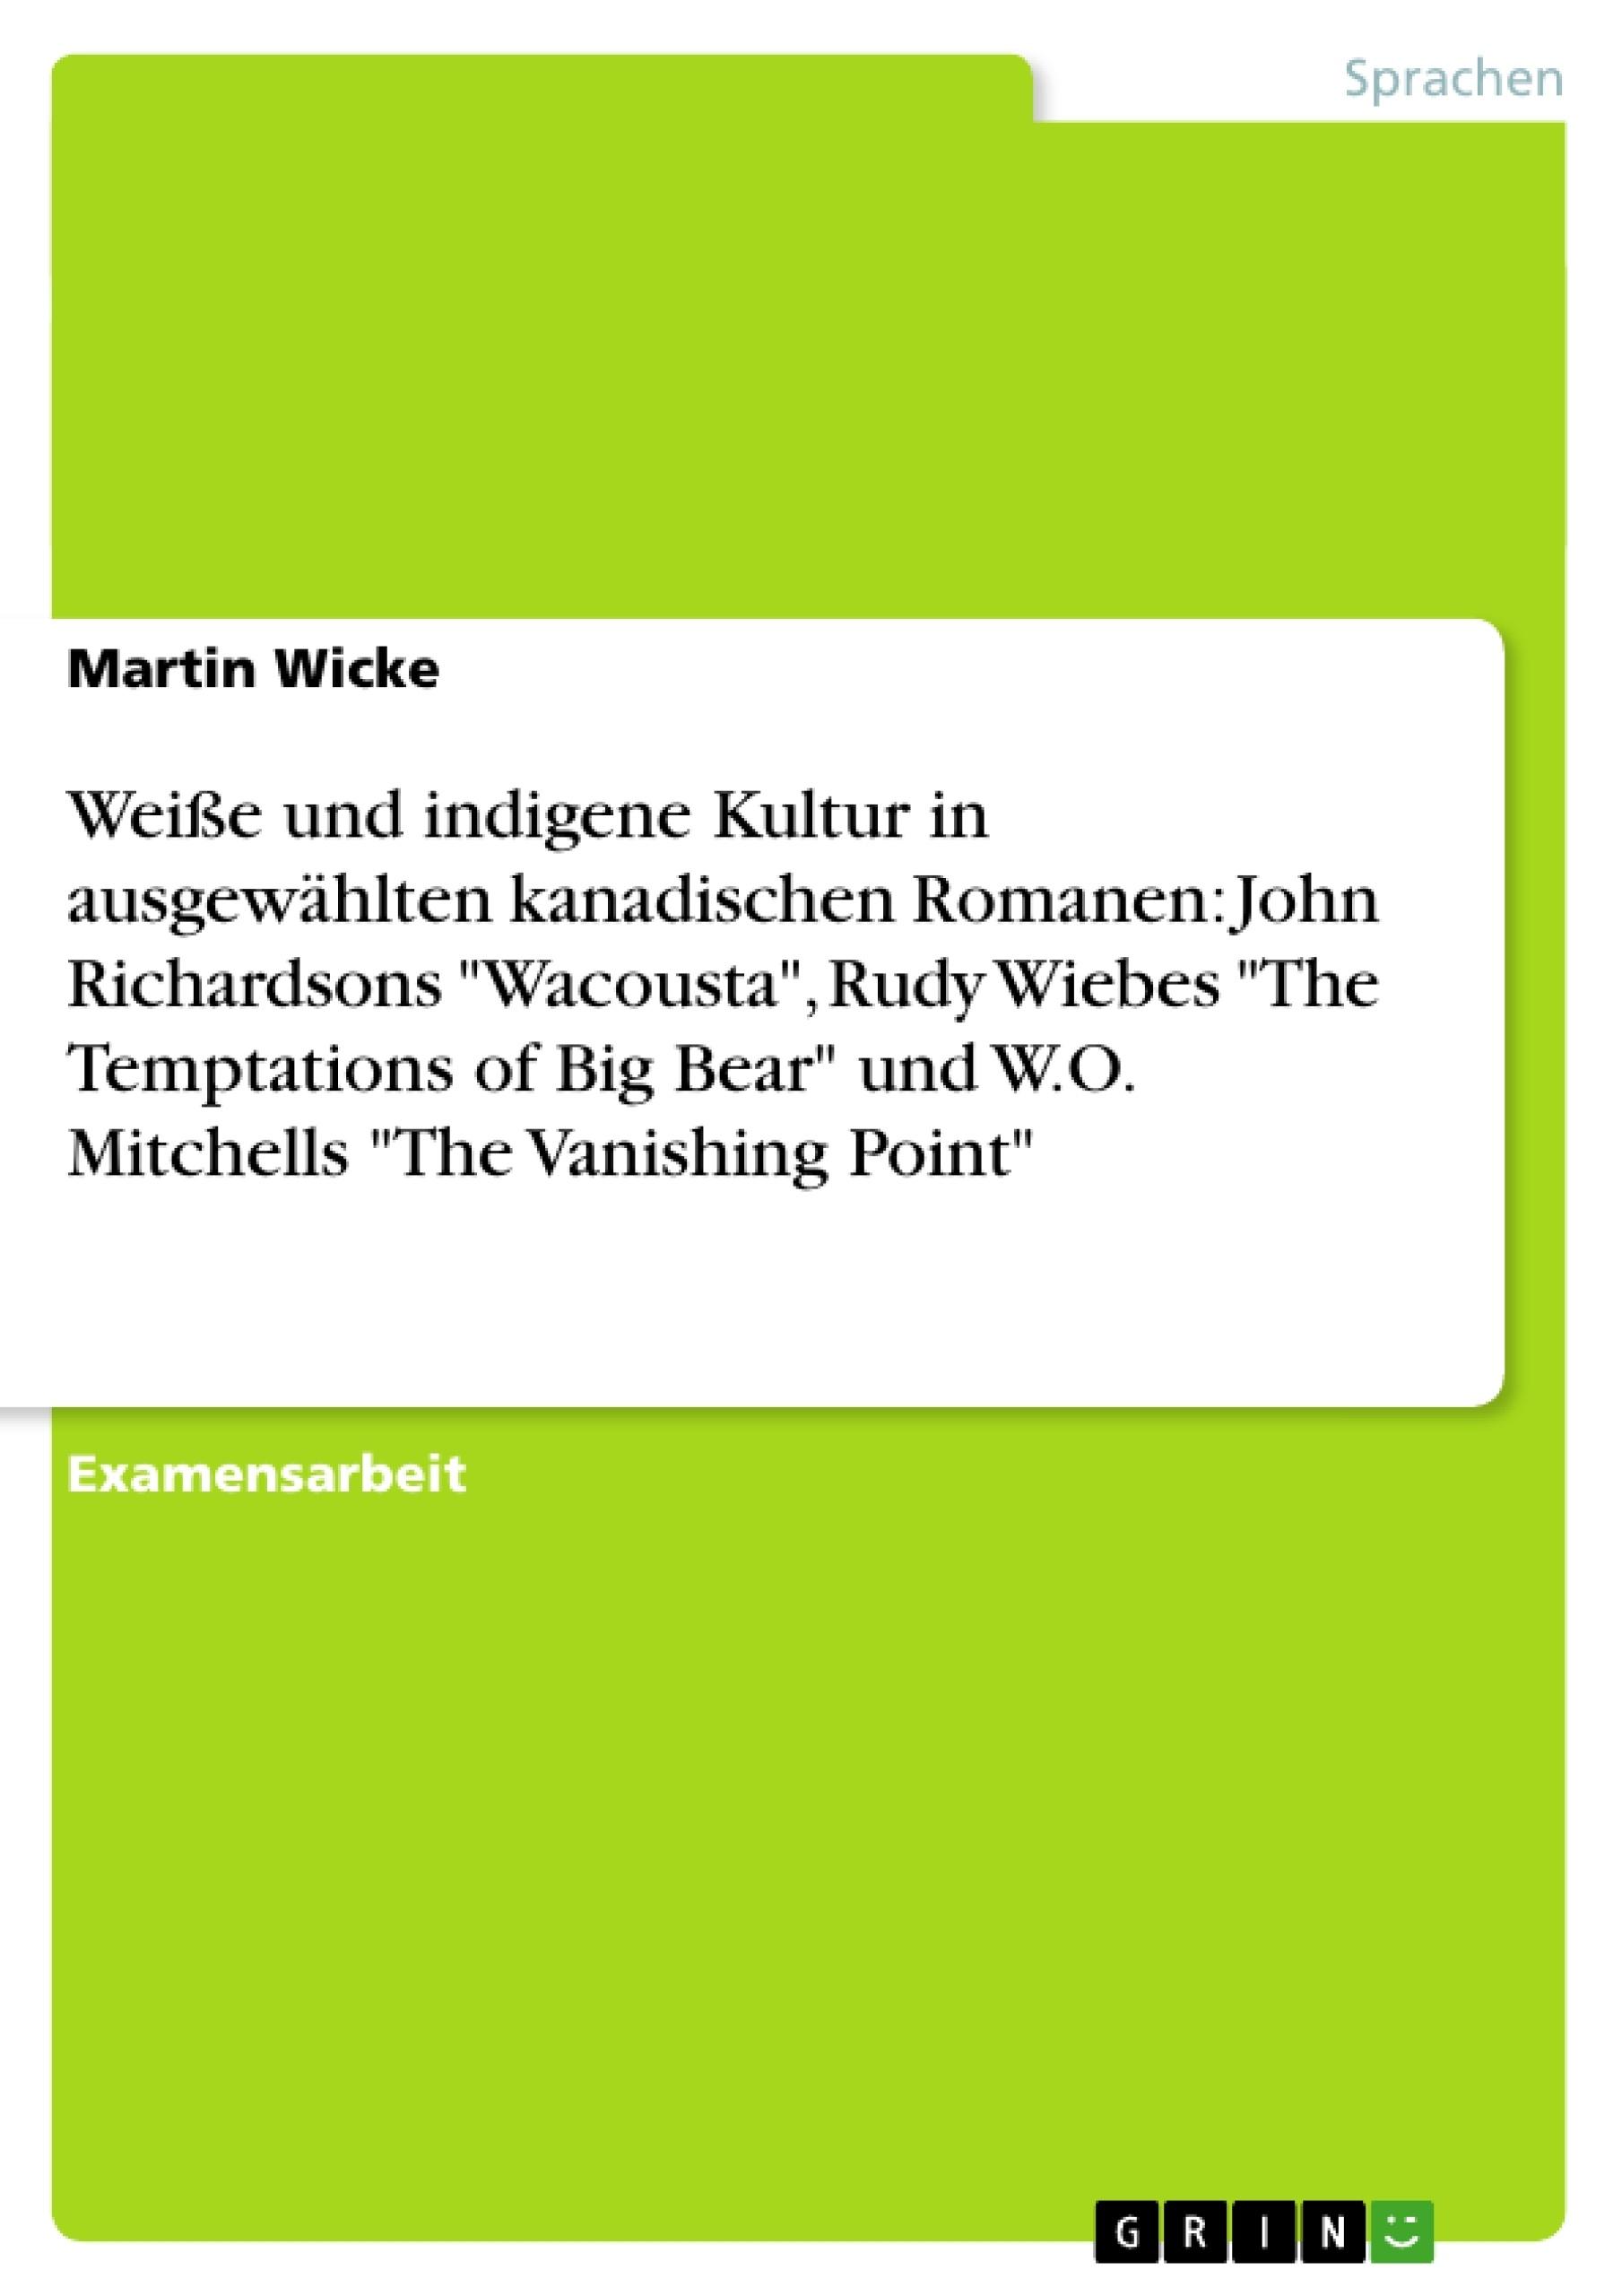 """Titel: Weiße und indigene Kultur in ausgewählten kanadischen Romanen: John Richardsons """"Wacousta"""", Rudy Wiebes """"The Temptations of Big Bear"""" und W.O. Mitchells """"The Vanishing Point"""""""